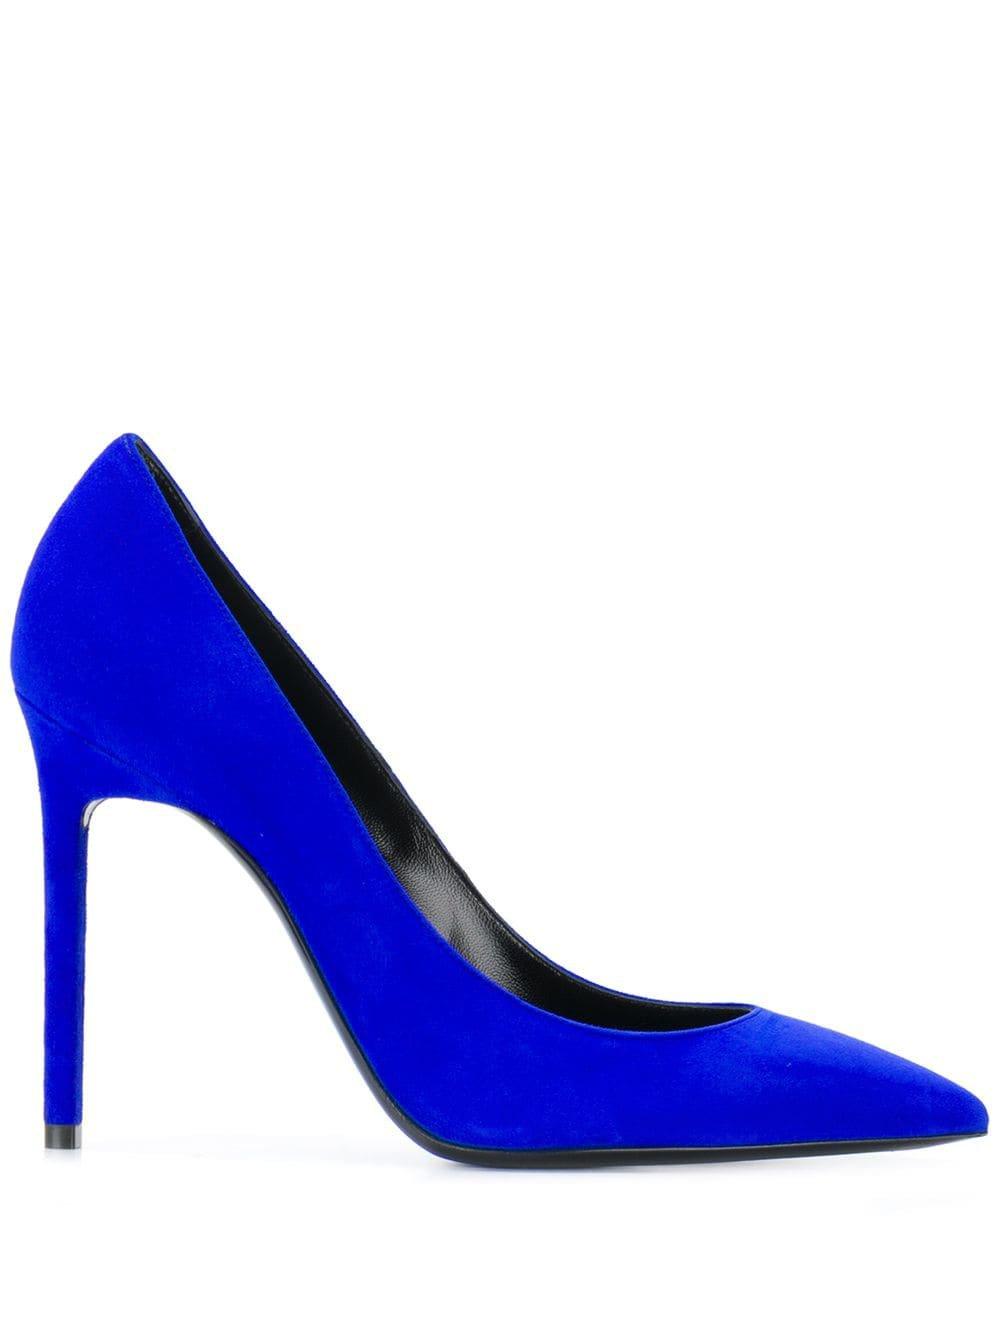 Blue Saint Laurent Zoe Pointed-Toe Pumps | Farfetch.com